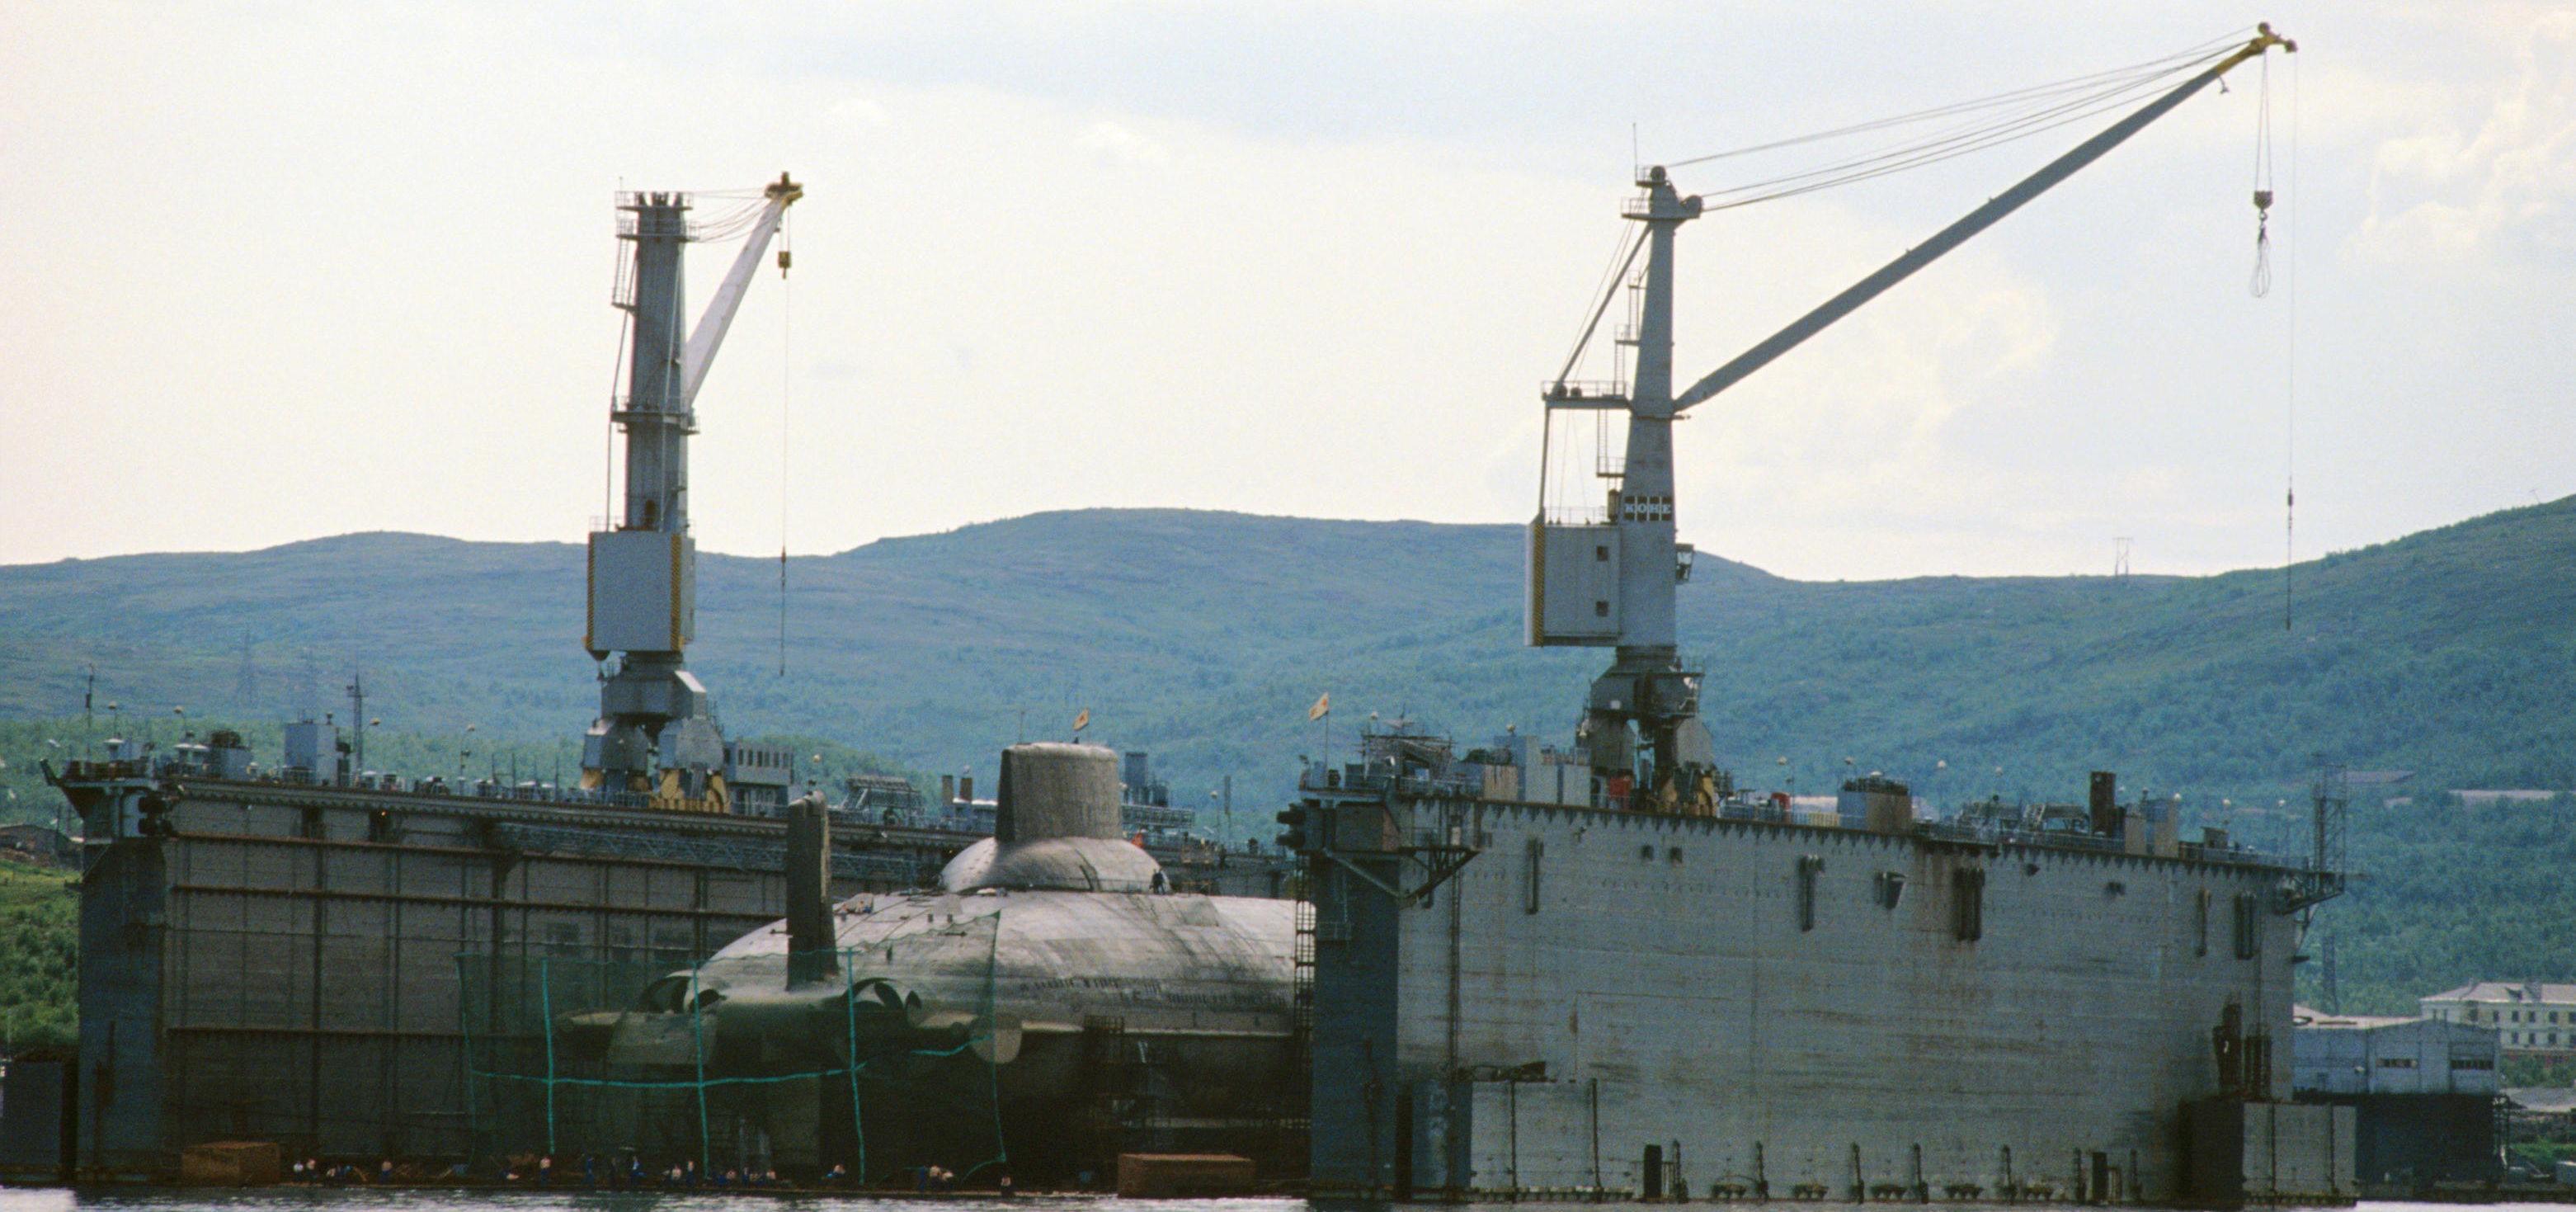 SPIONBILDER: Bilder som dette, tatt bak jernteppet fra norske handelsfartøy, var av stor verdi for vestlig etterretning under Den kalde krigen. Her er en Tyfon-klasse atomubåt, verdens største, fotografert av Vi Menn i dokk i Murmansk-fjorden i 1990.